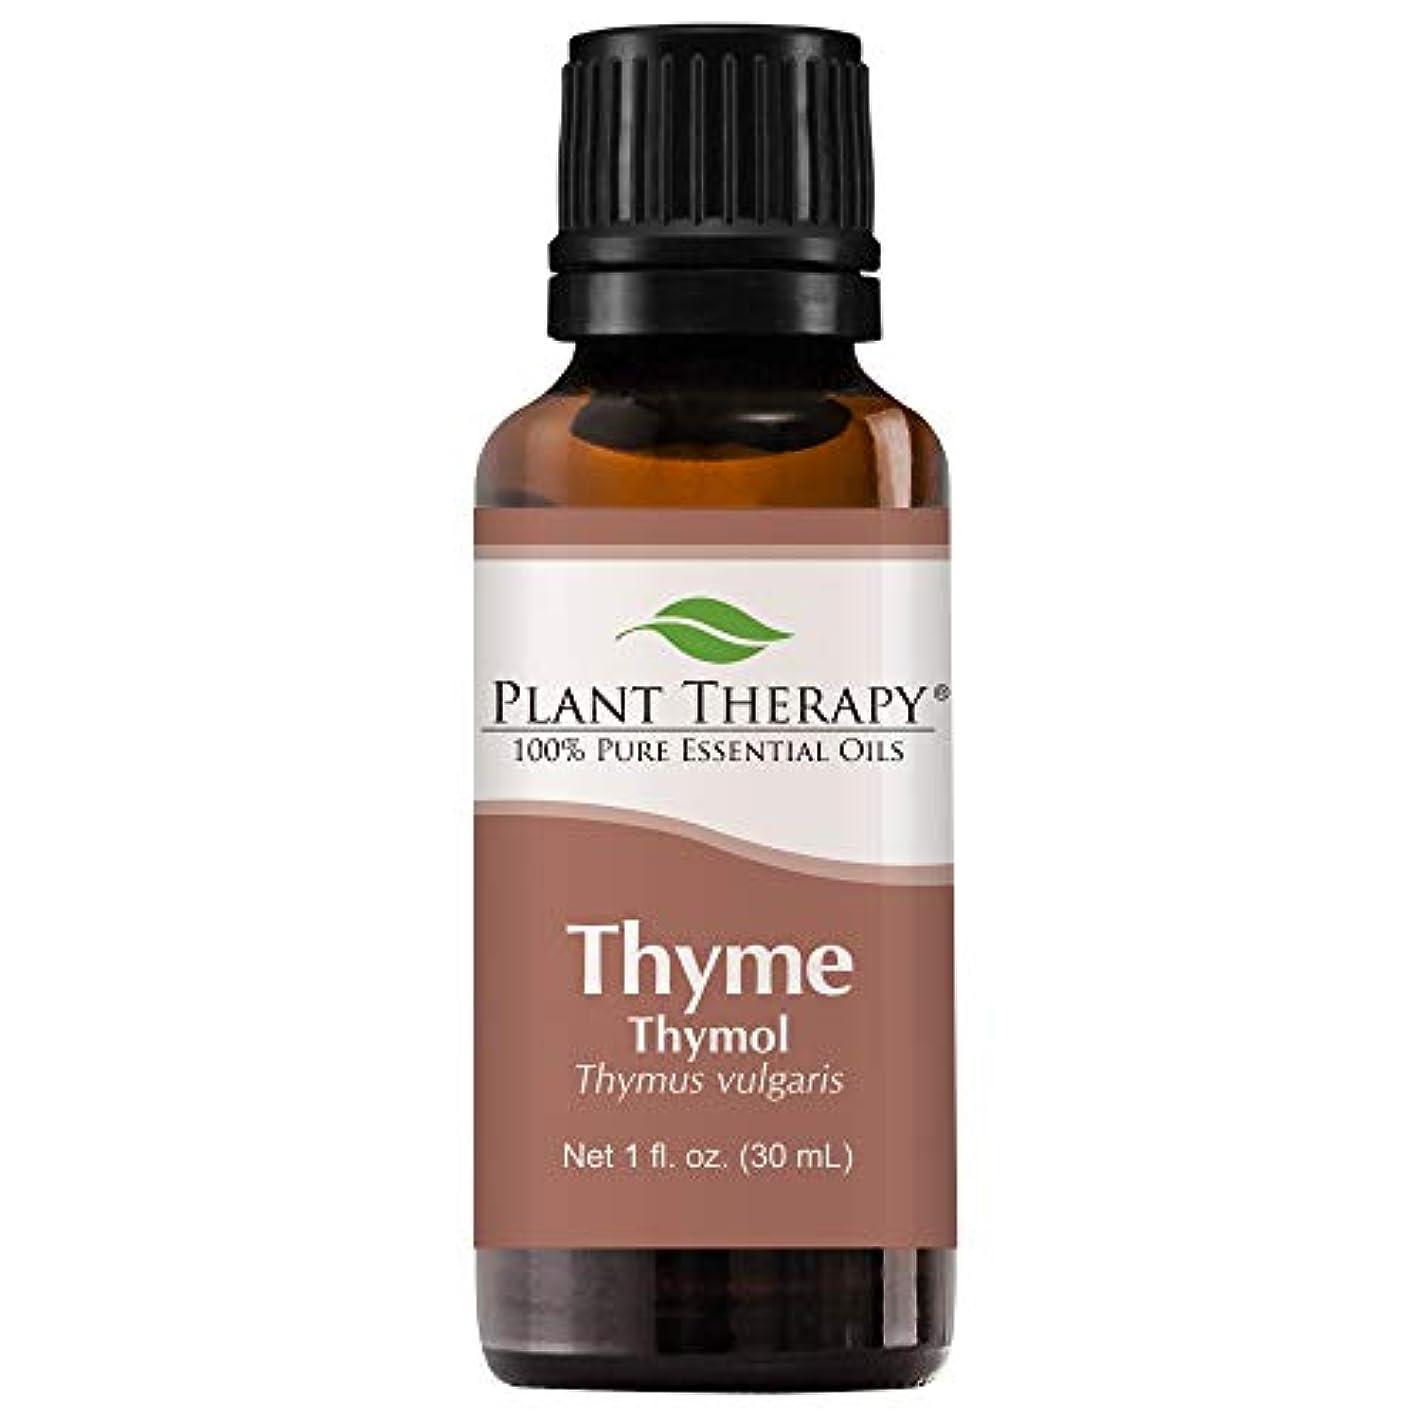 うま起訴する打ち負かすPlant Therapy Thyme Thymol Essential Oil. 100% Pure, Undiluted, Therapeutic Grade. 30 ml (1 oz). by Plant Therapy...